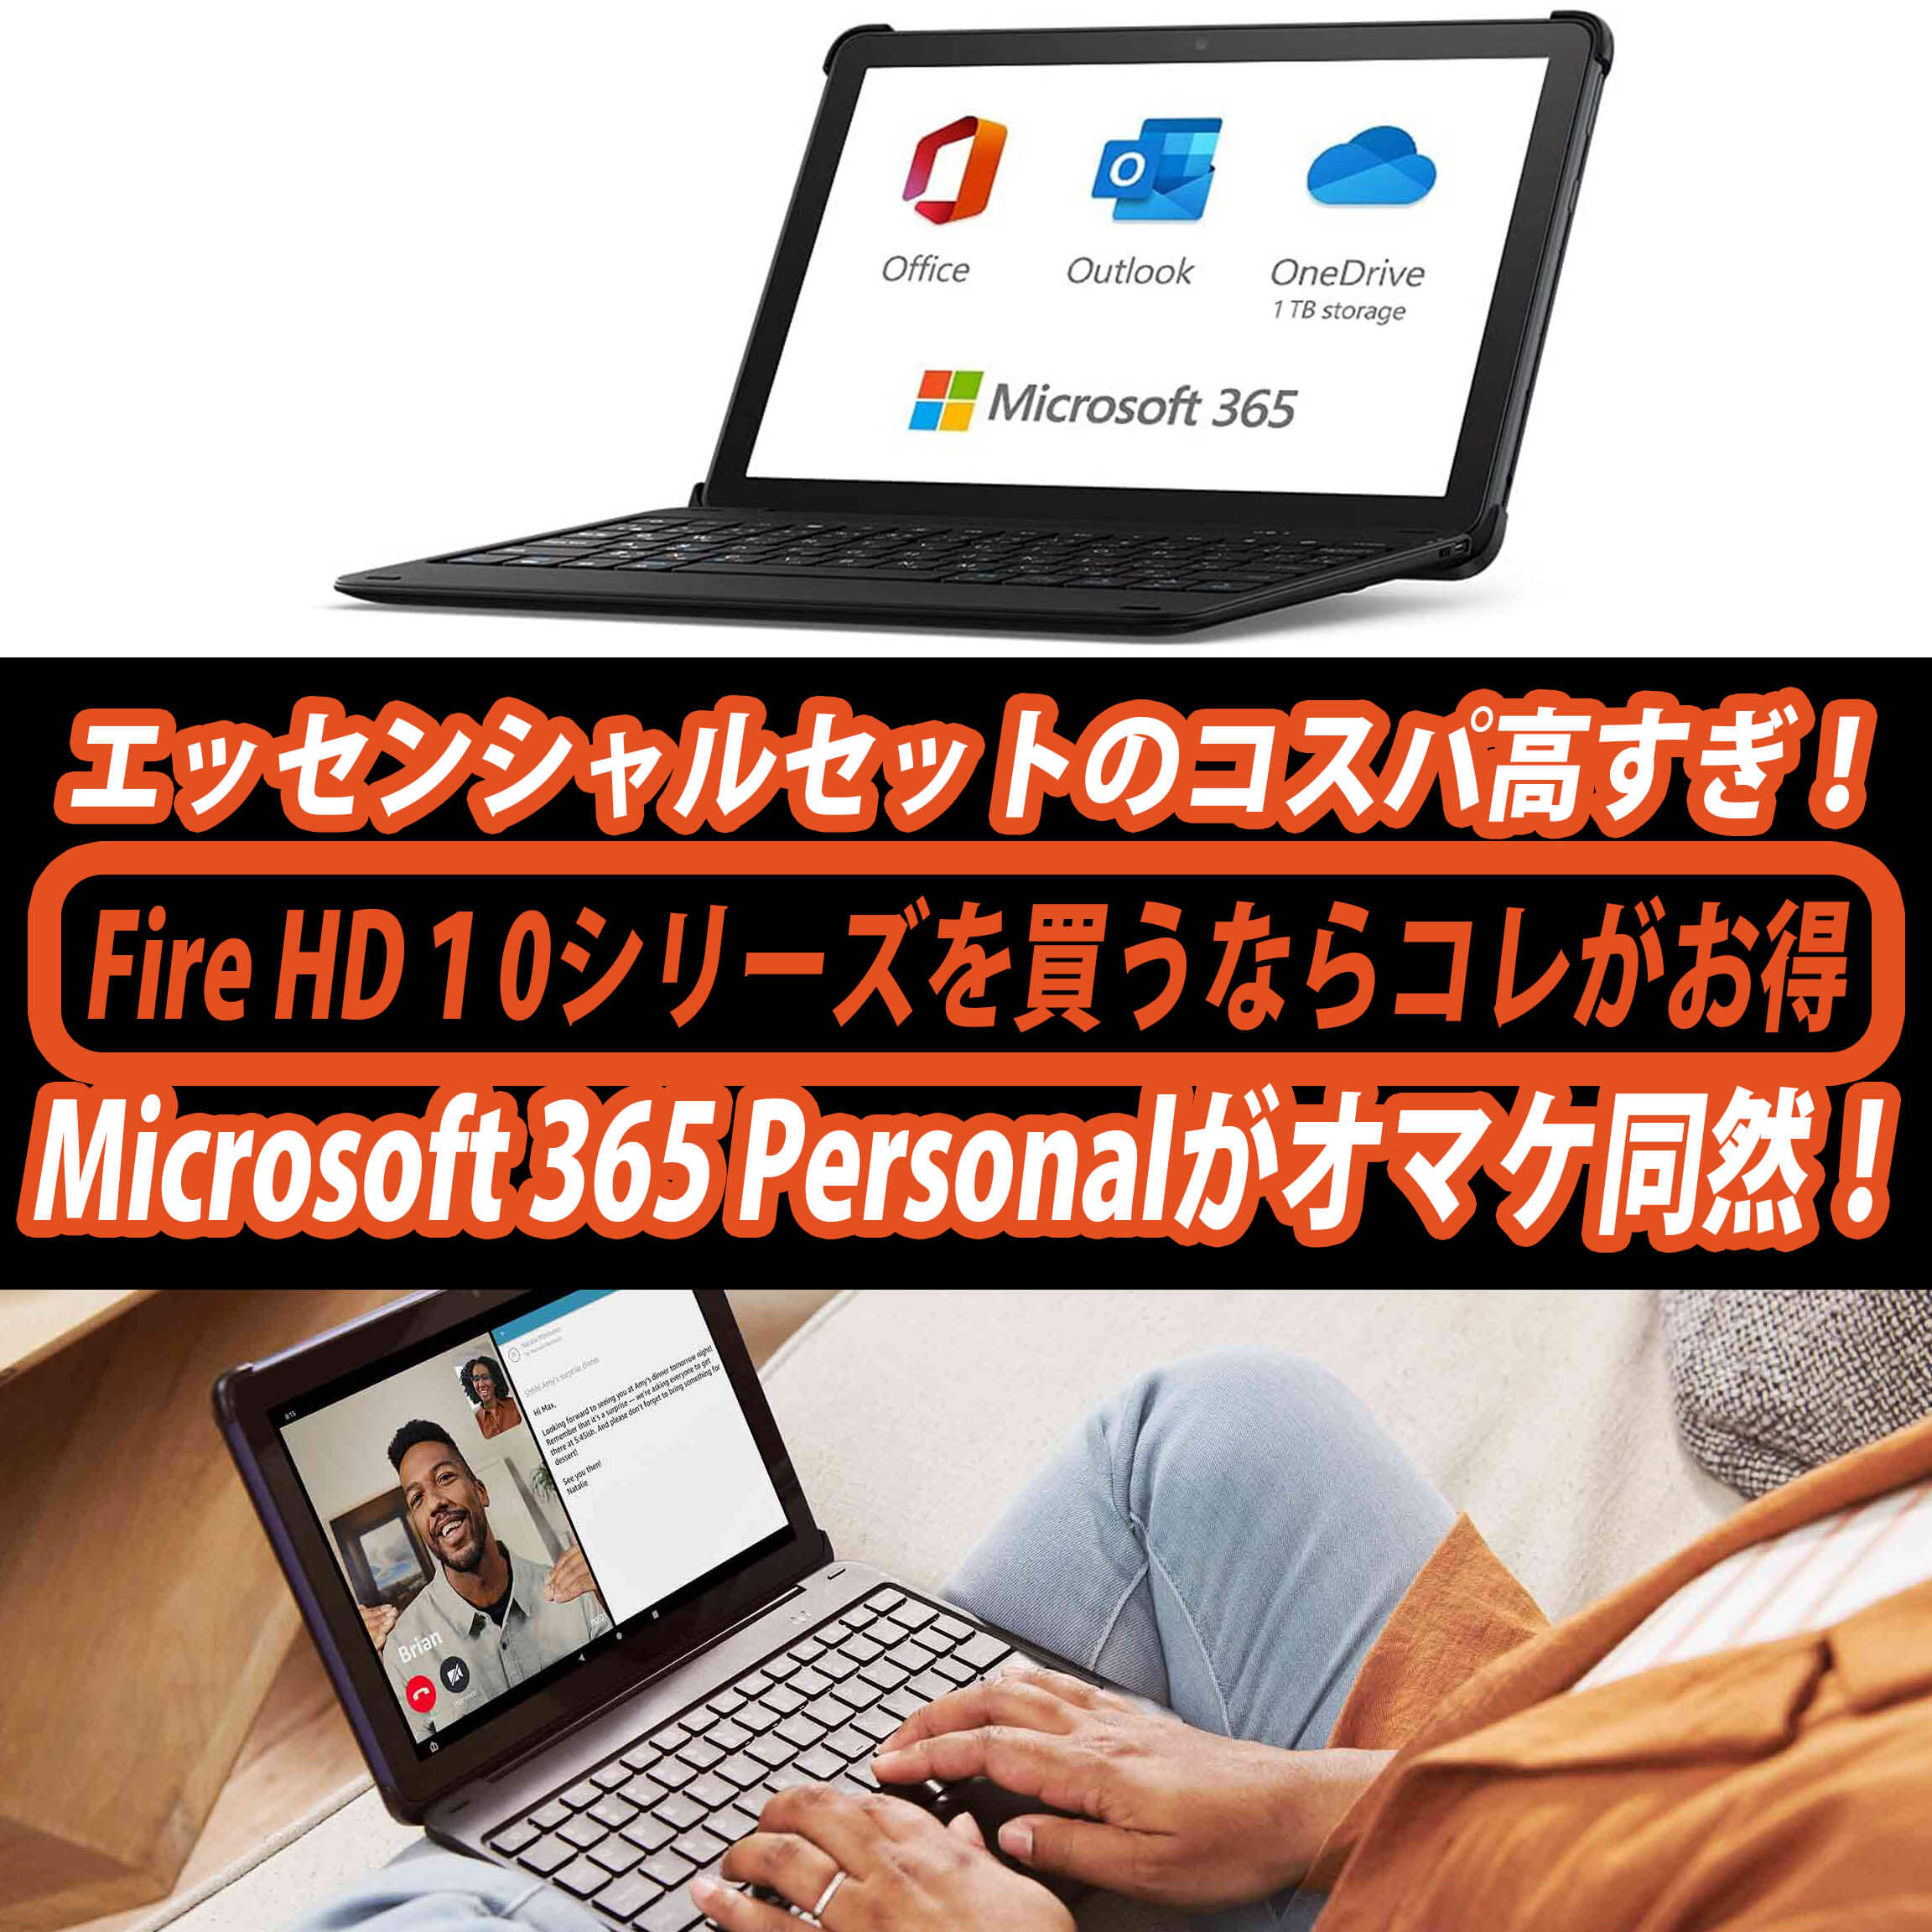 Fire HD 10シリーズ買うならエッセンシャルセットが一番お得!